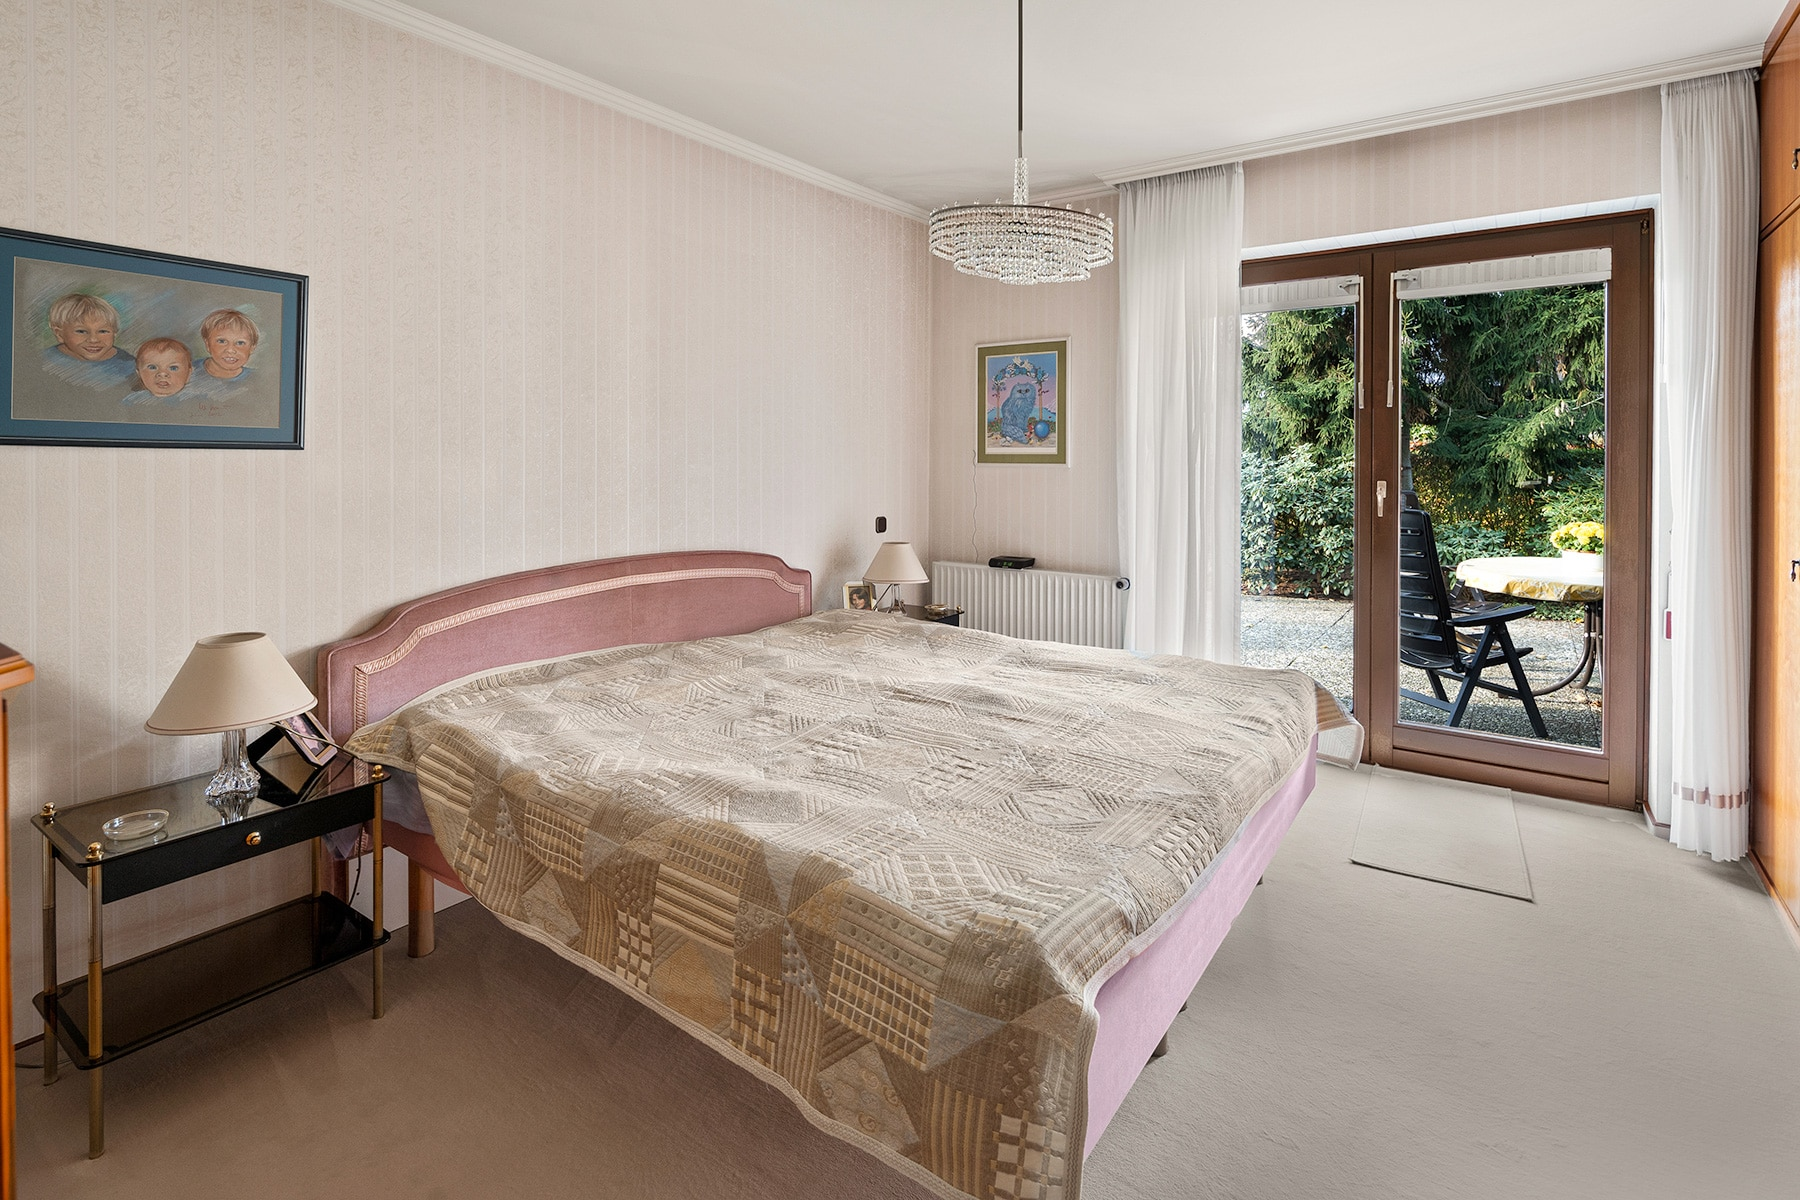 Virtuelle Renovierung Schlafzimmer vorher